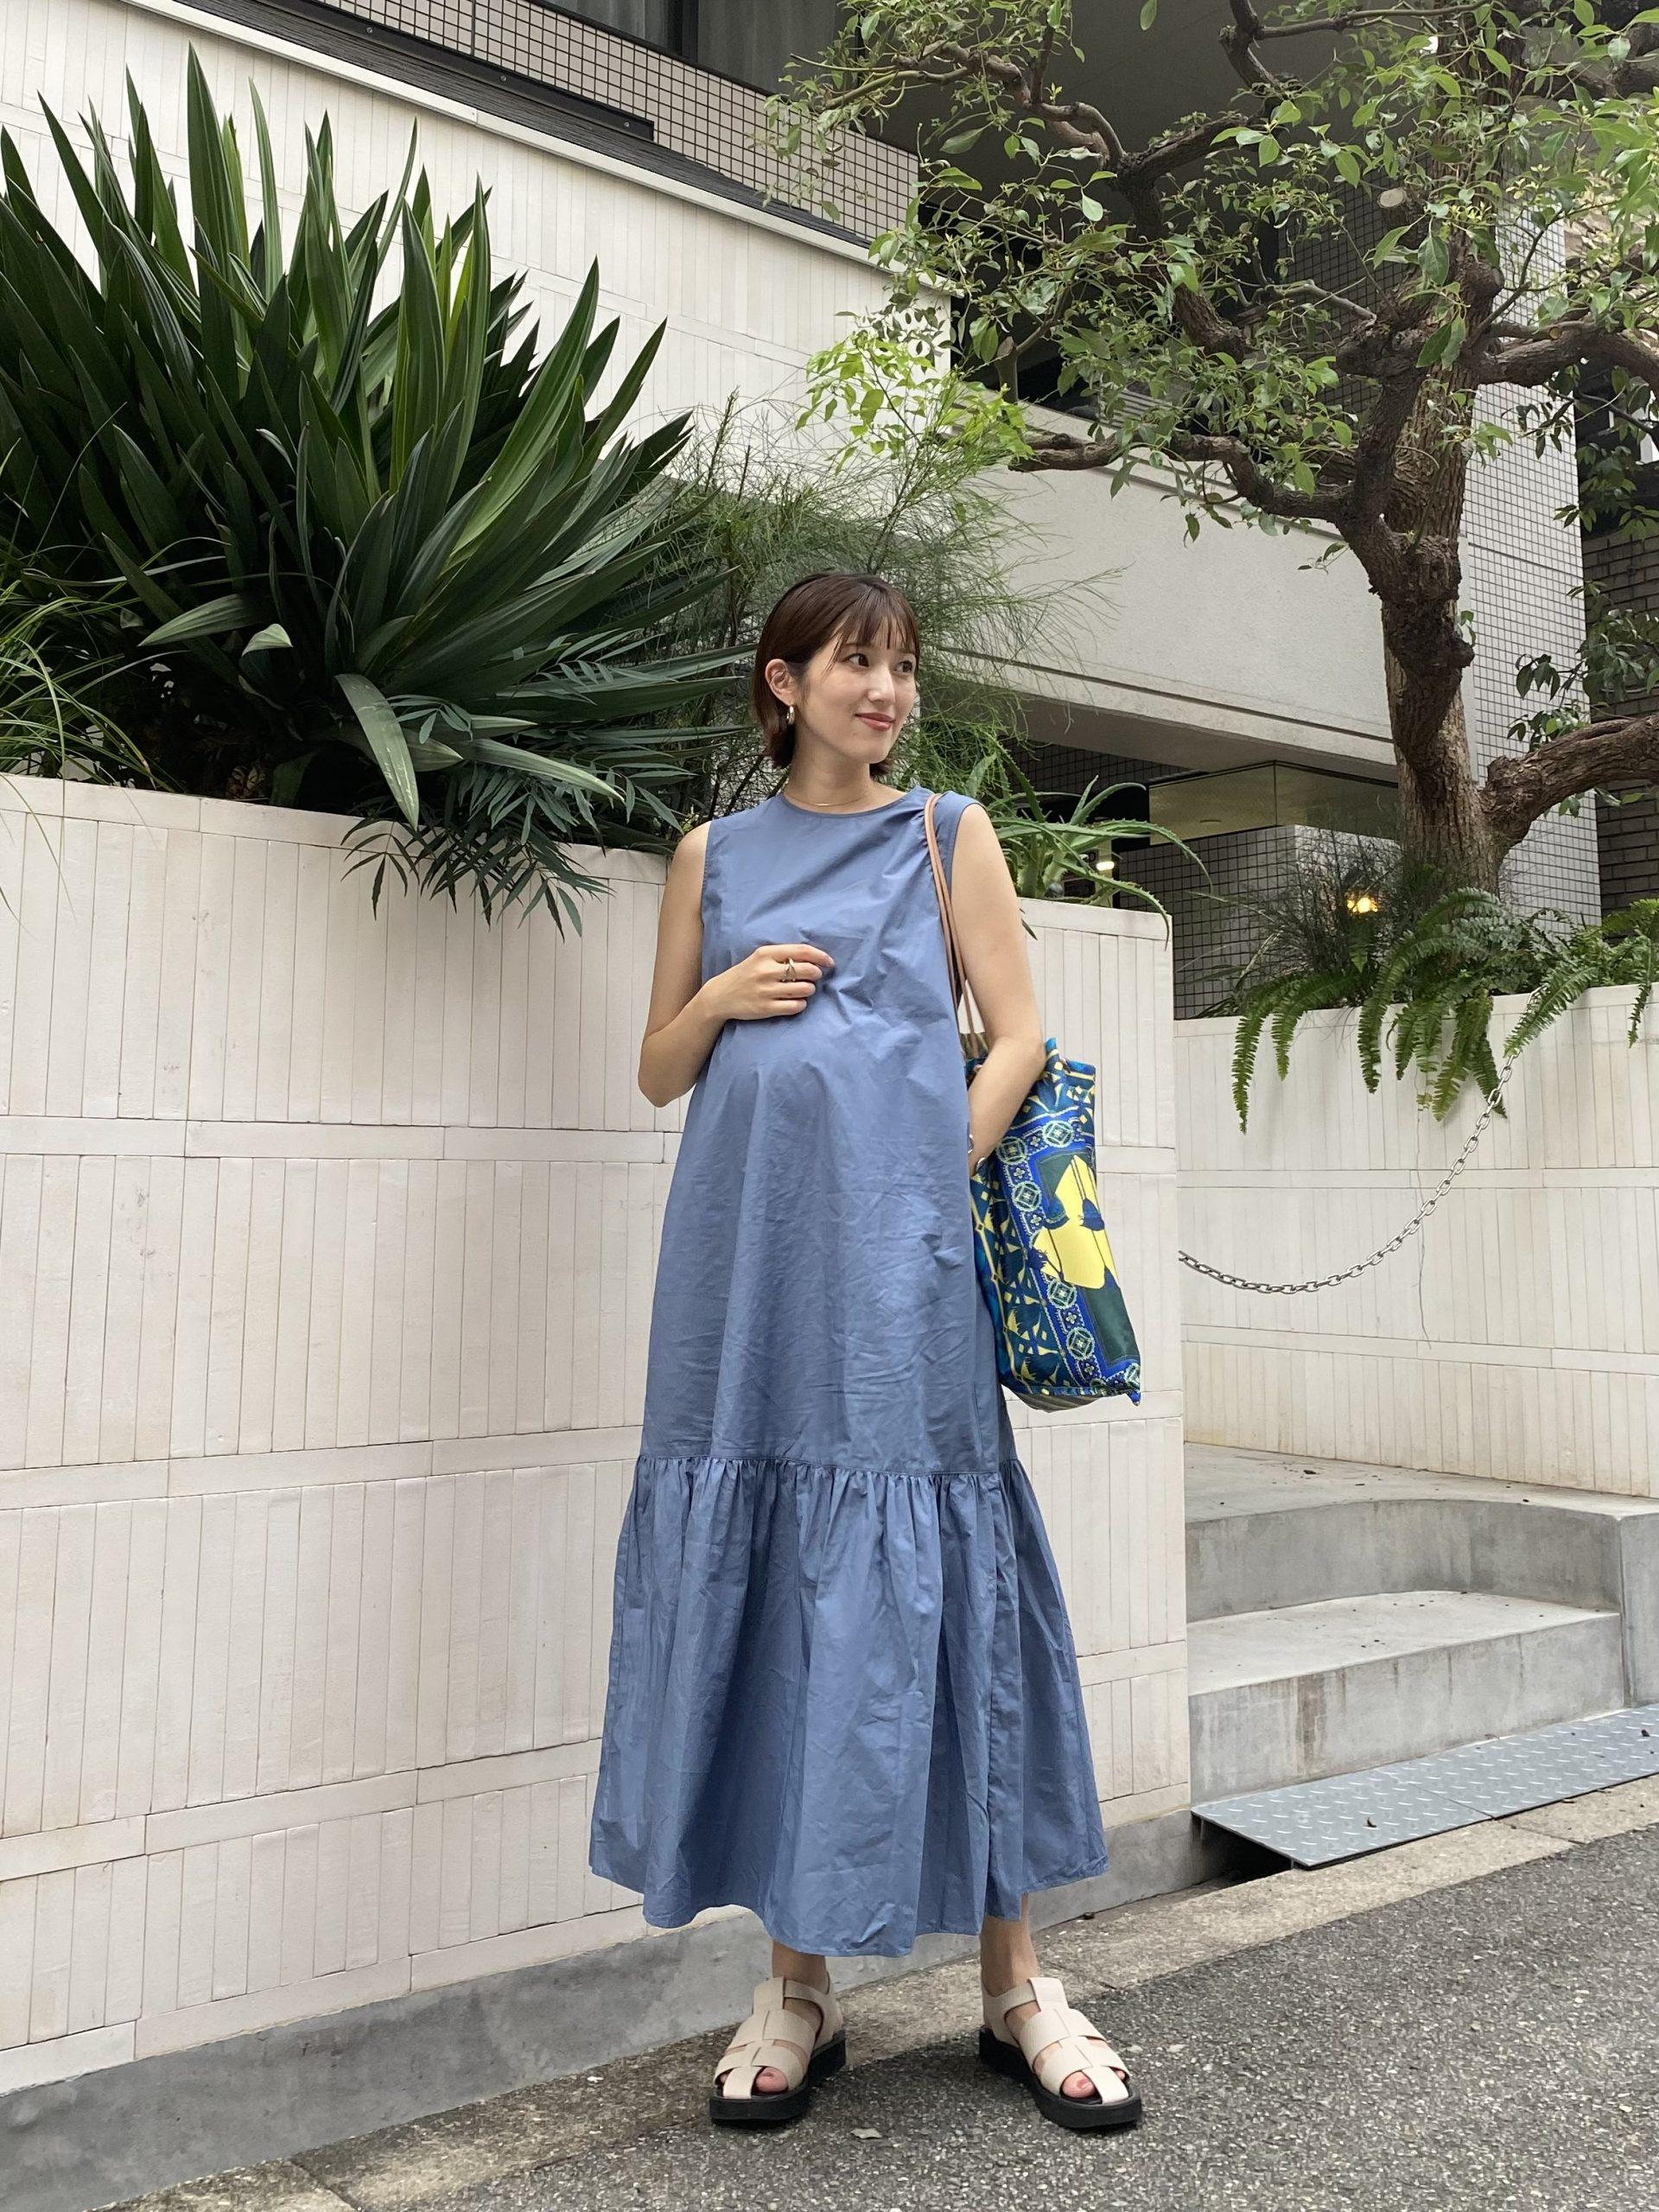 169㎝、妊娠9カ月のマタニティワンピースコーデ。マタニティ服を使わないスタイル。